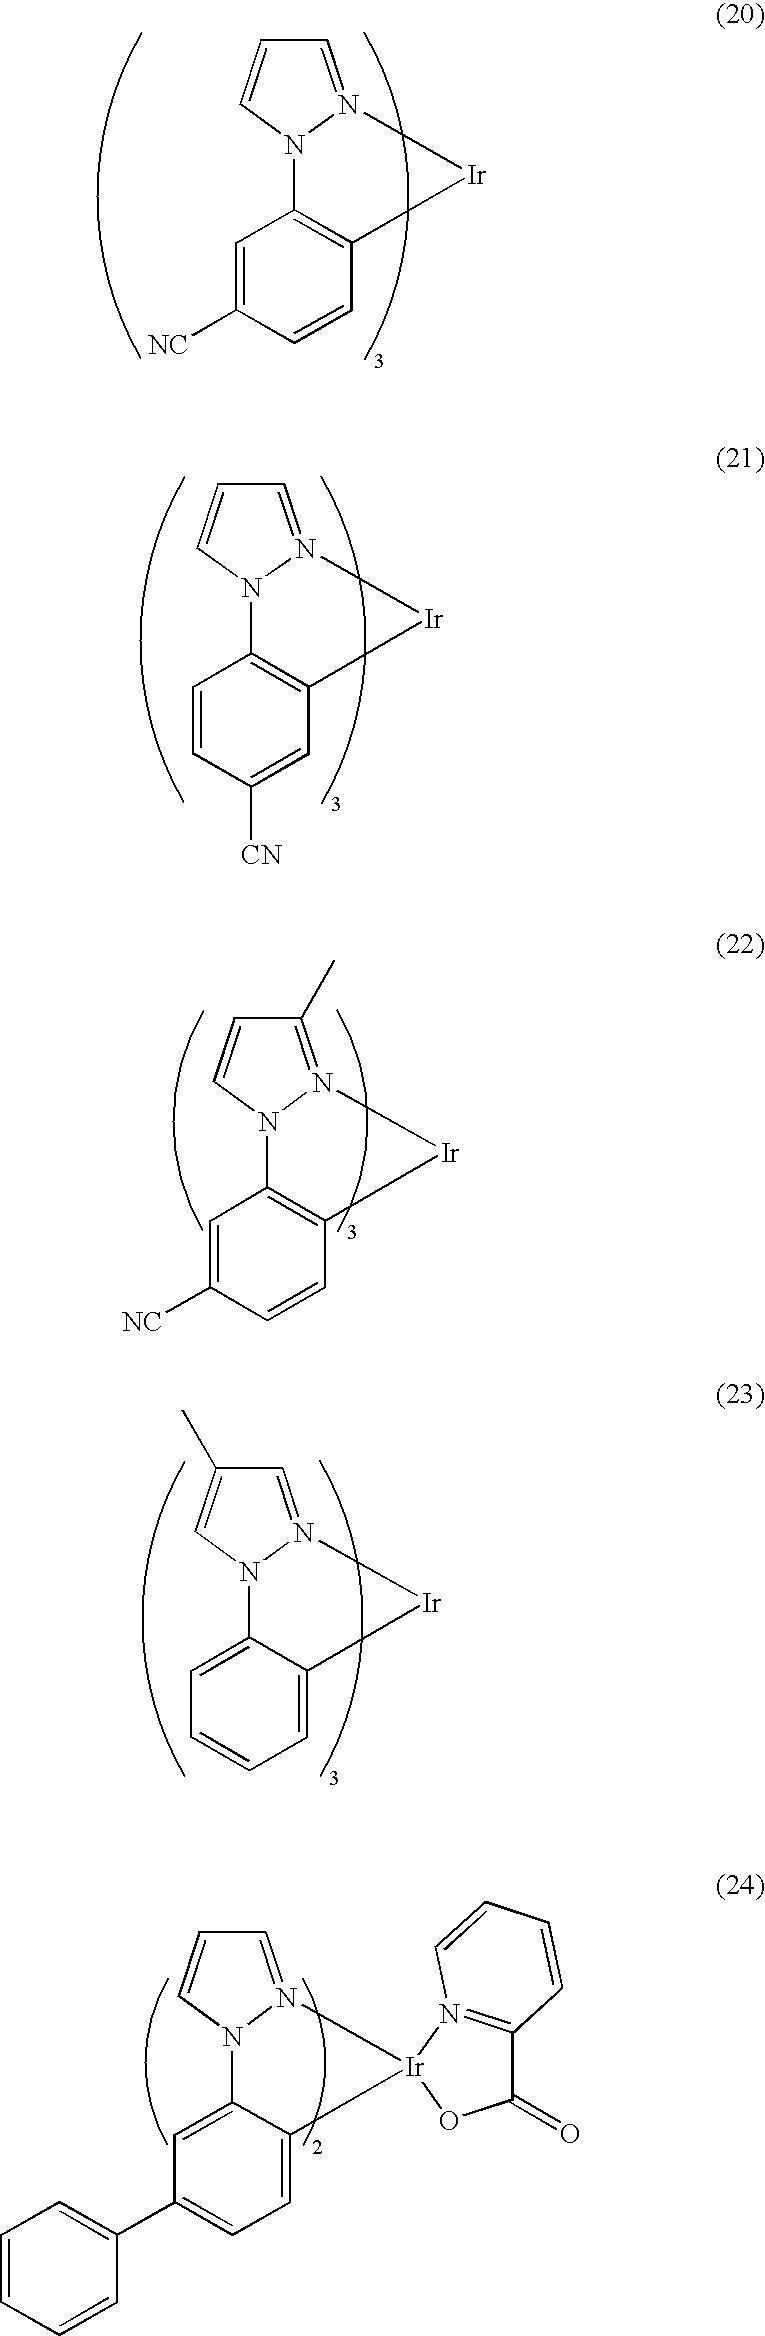 Figure US20050031903A1-20050210-C00064